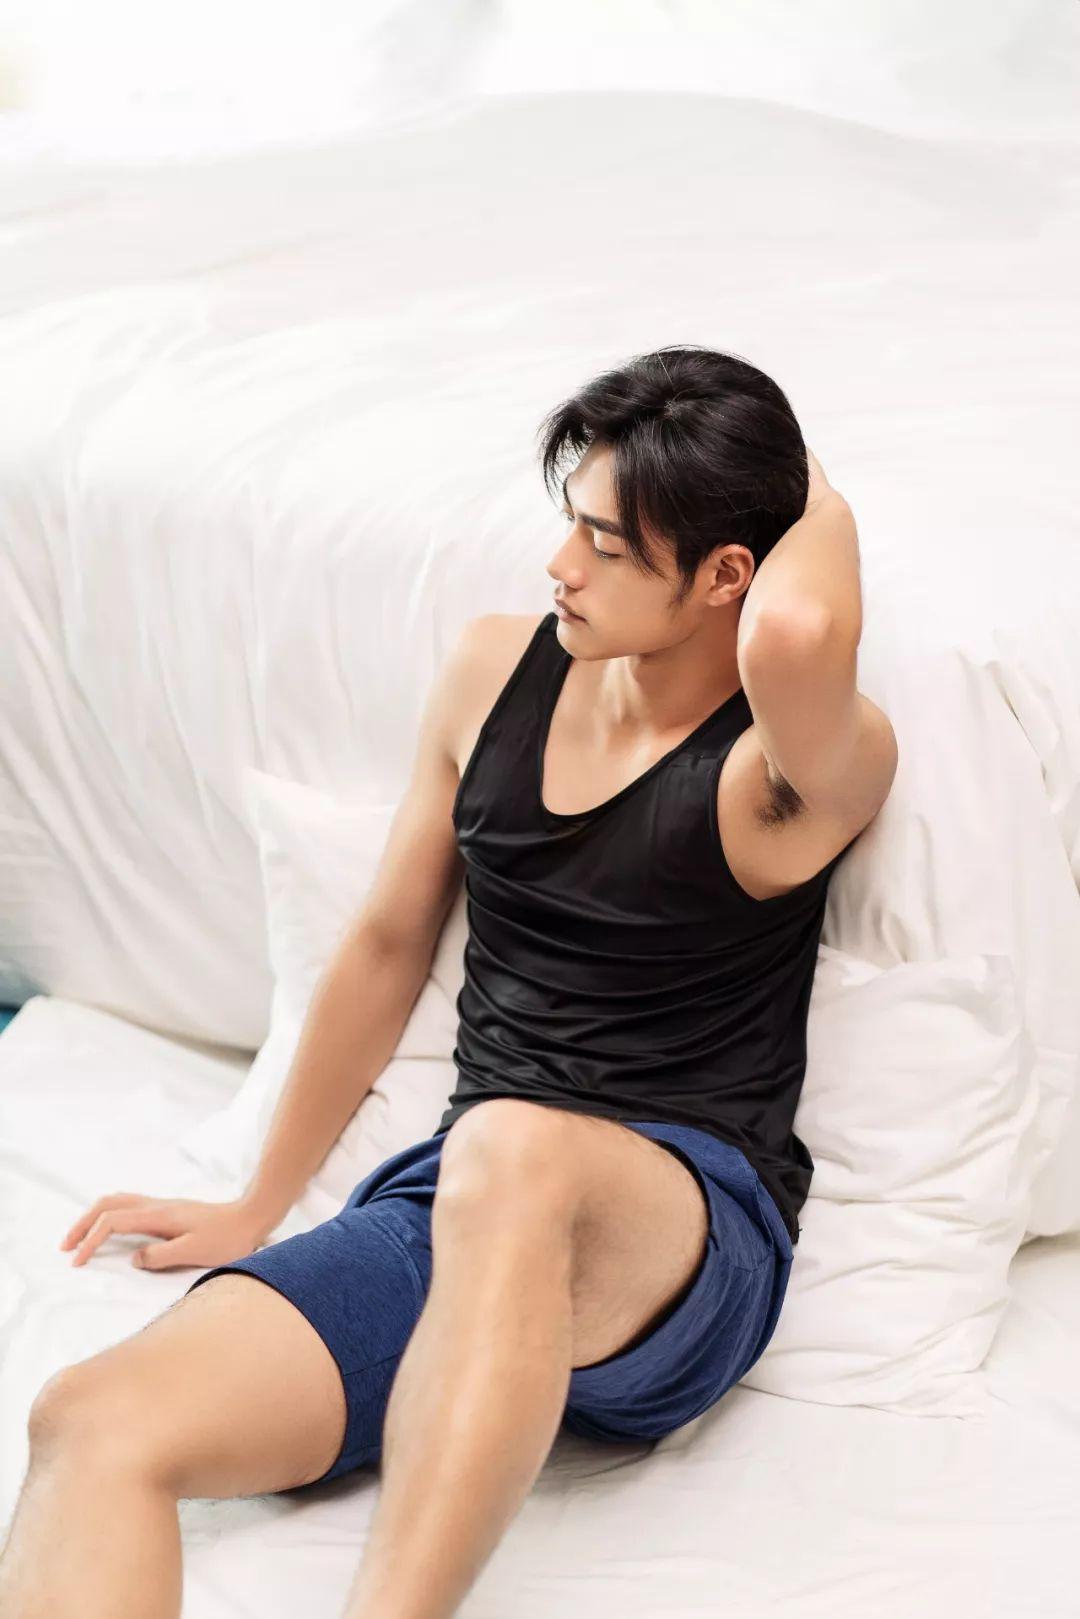 孕期可以穿文胸睡觉吗:夜里带文胸入睡好么